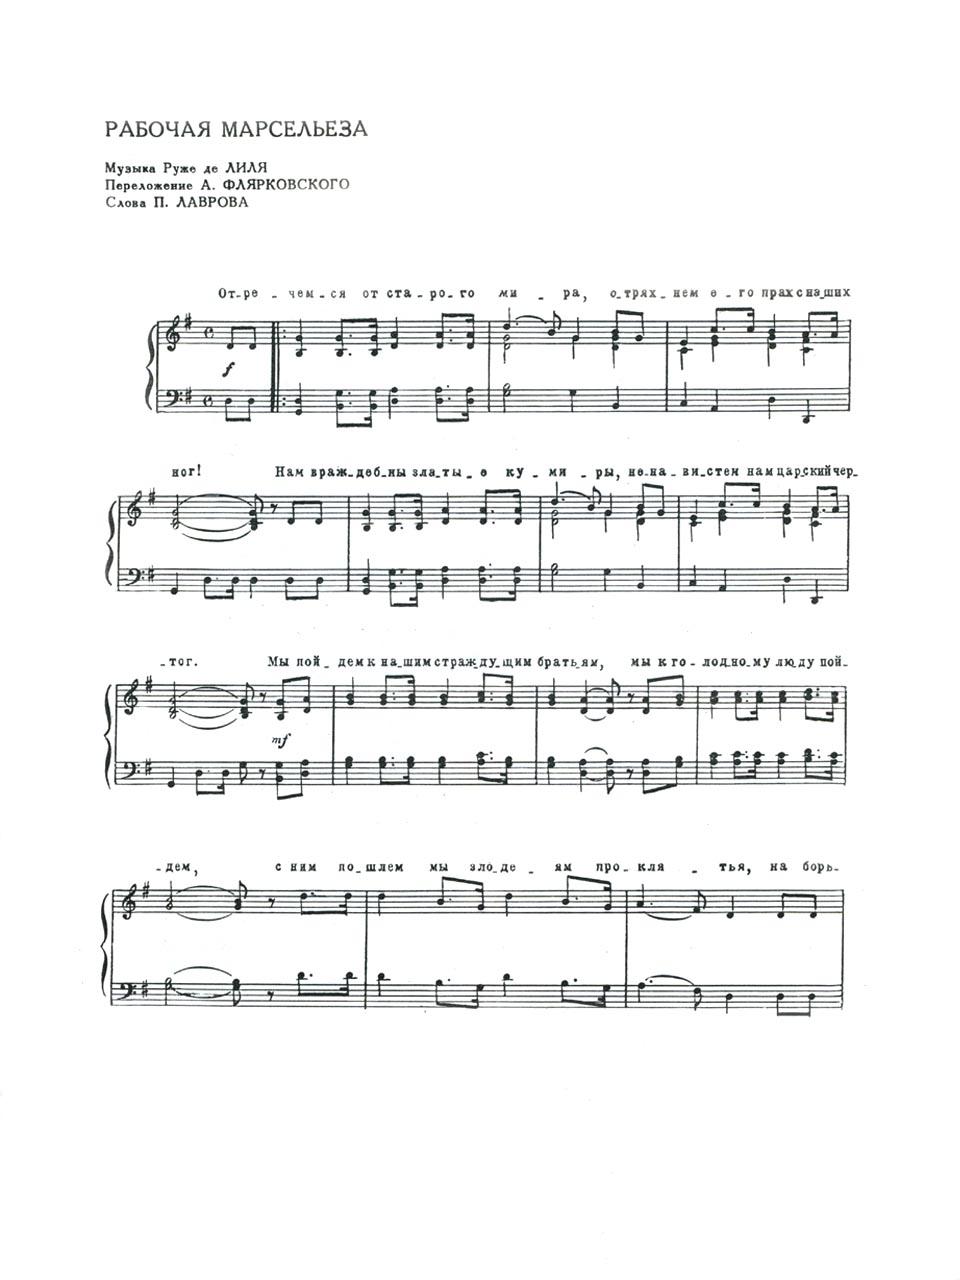 Руже де Лиль, П. Лавров. Рабочая Марсельеза. Ноты для голоса в сопровождении фортепиано